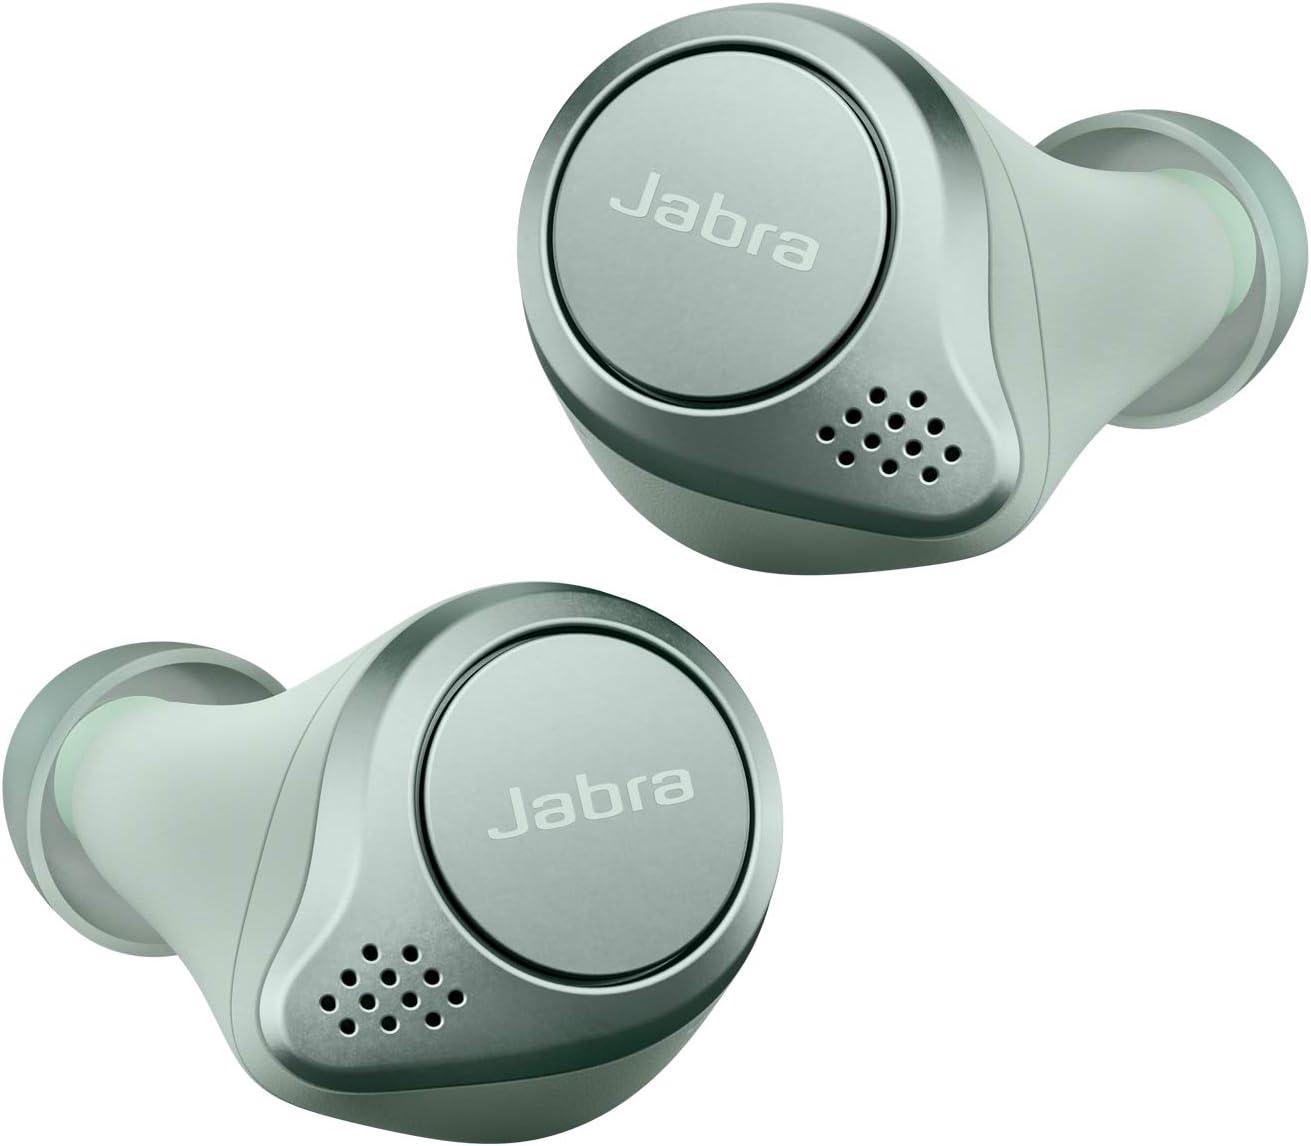 Jabra Elite 75t True Wireless Stereo In Ear Headphones Bluetooth 5 0 28 Hours Battery Life With Charging Case Sports Mint Elektronik